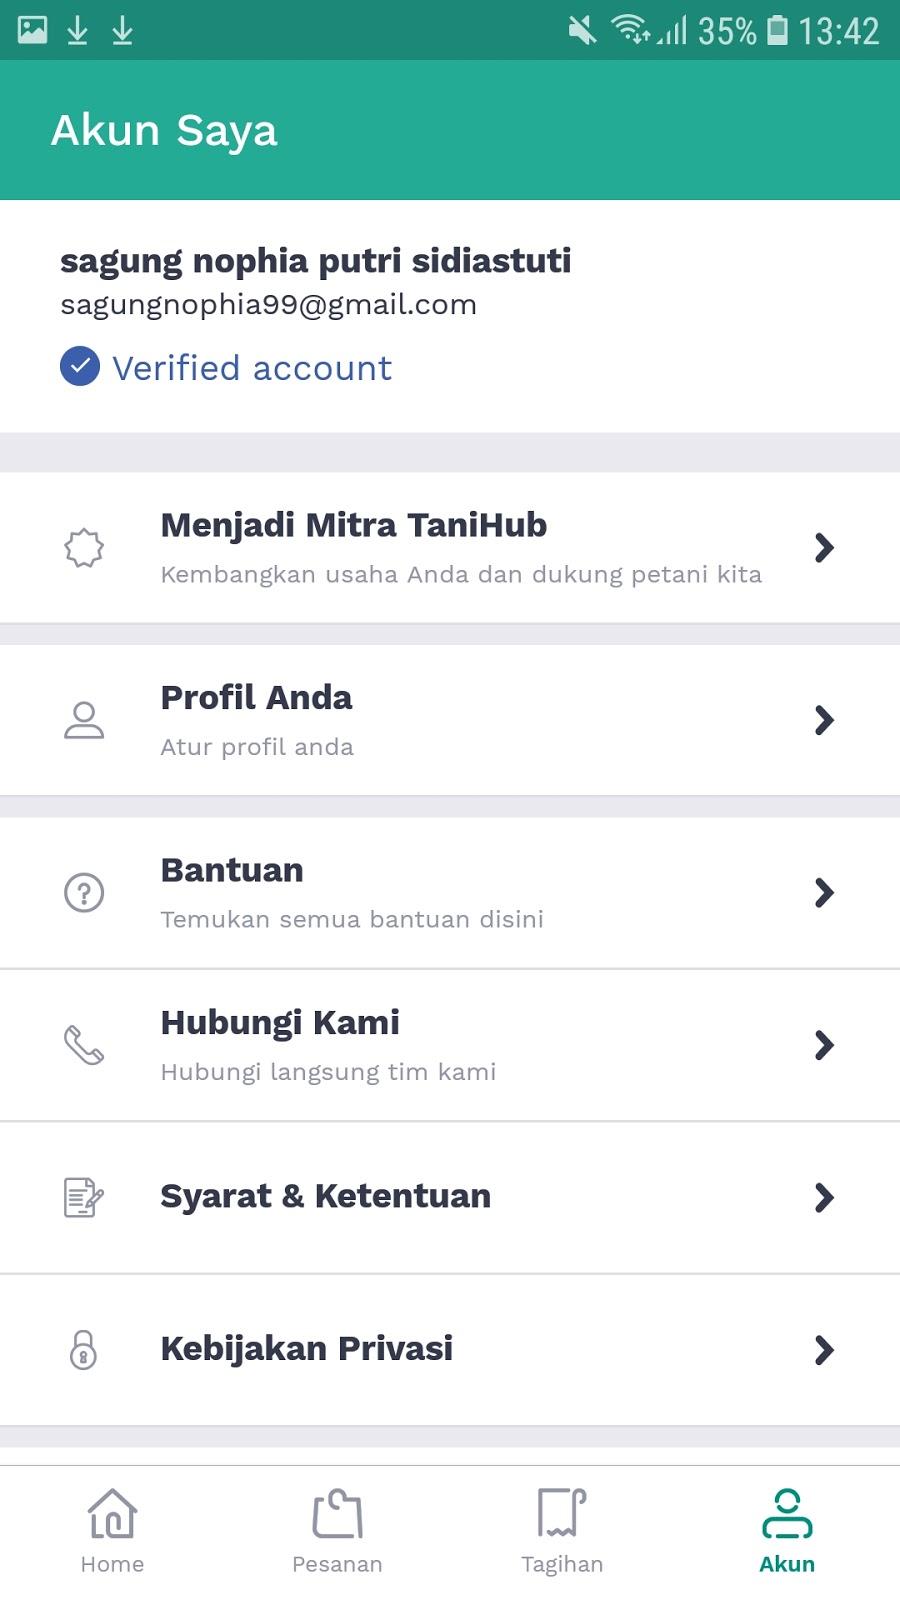 Aplikasi Tanihub Yang Memudahkan Petani Indonesia